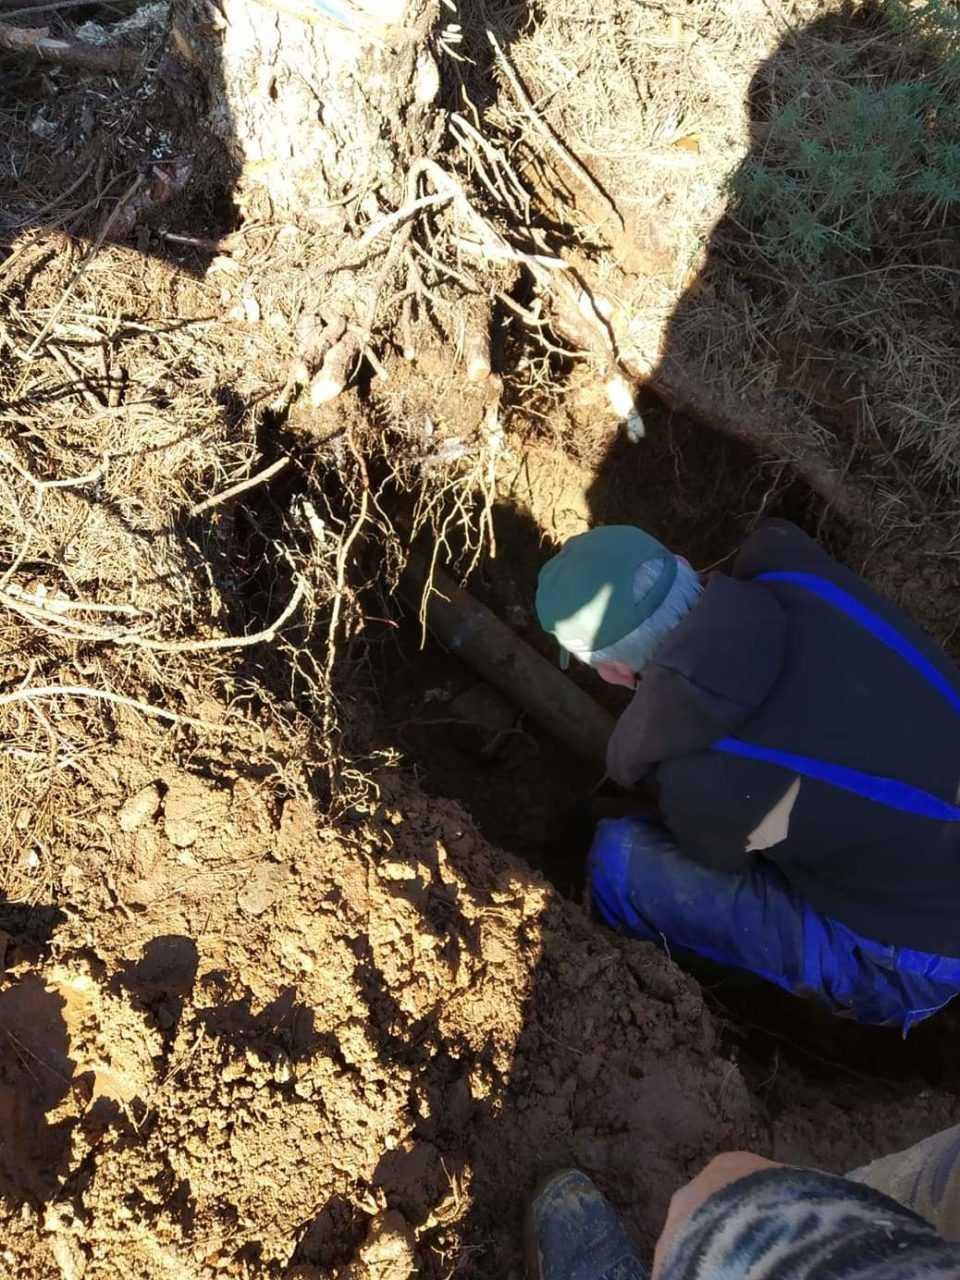 Καταγγελία πολιτών: Xωρίς υδροδότηση το μισό χωριό στην Βλάστη - Αδιαφορία από την ΔΕΥΑΕ για την αποκατάσταση της βλάβης (φωτογραφίες) 10